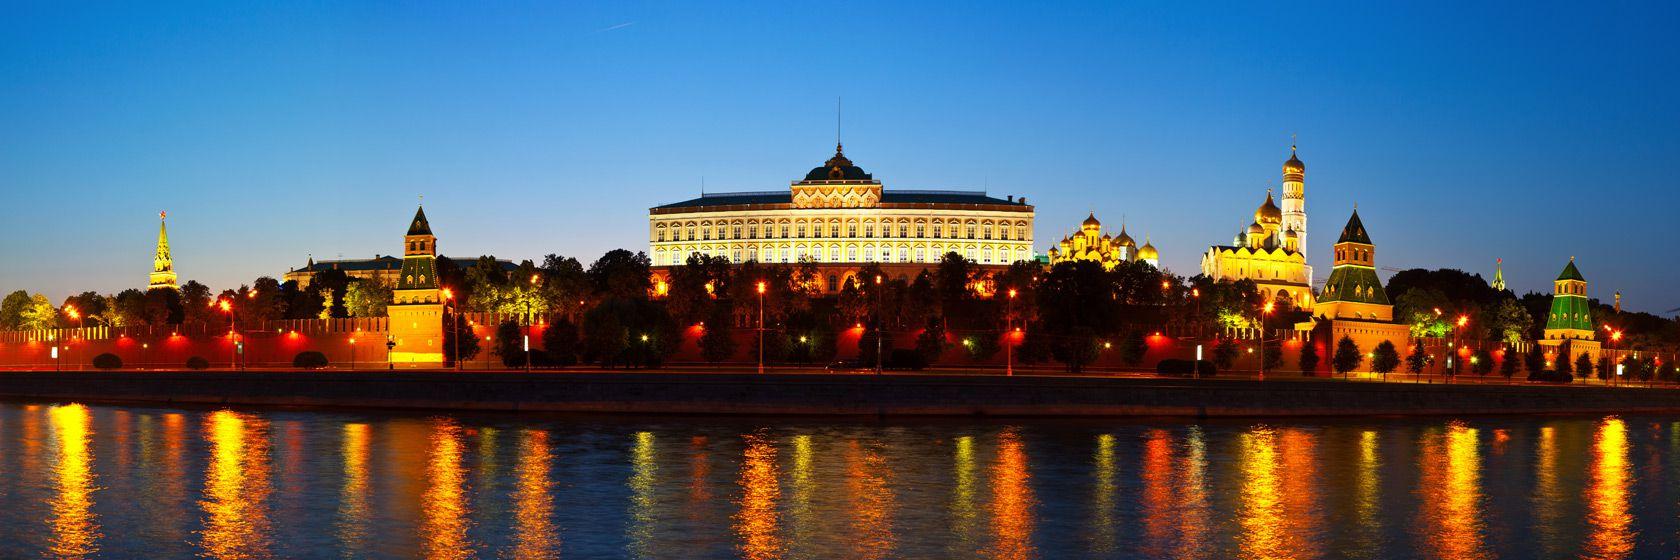 Den vackra horisonten en natt på en av resa till moskva | Jörns Resor